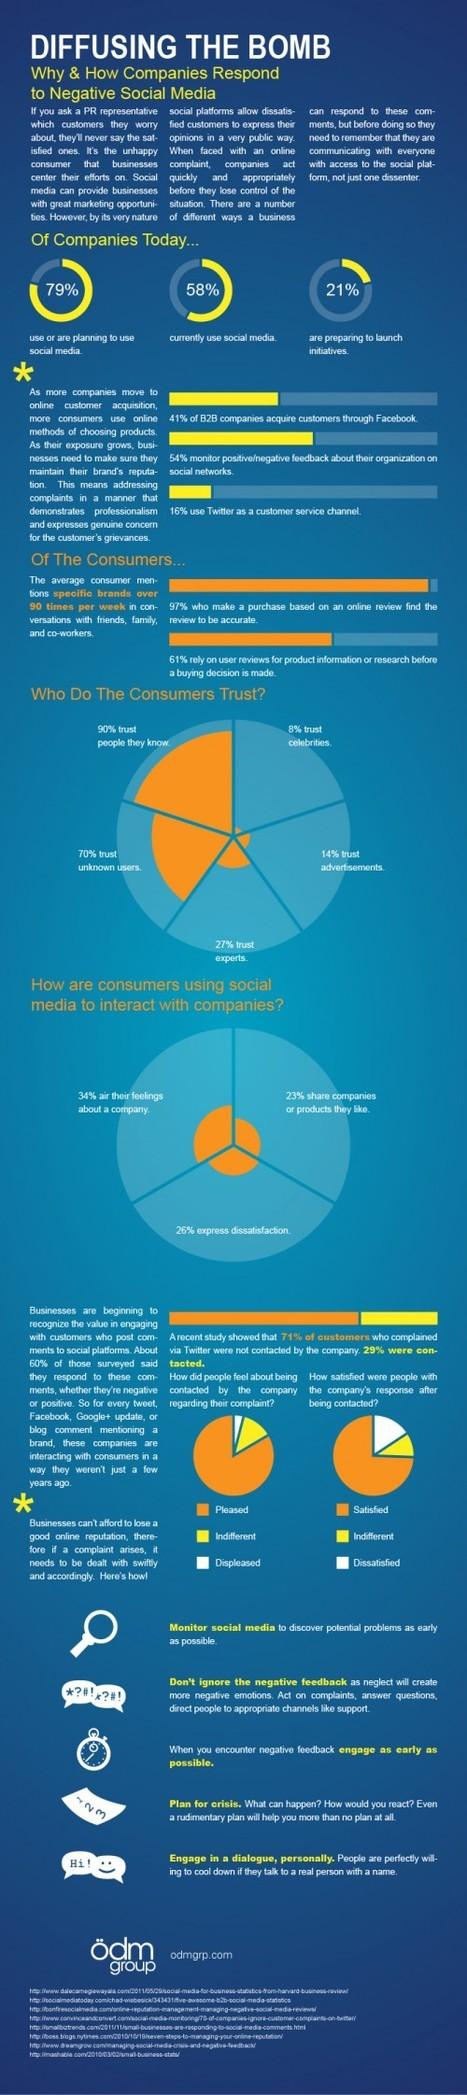 [Infographie] Comment les marques réagissent face à un bad buzz sur les médias sociaux ? - Websourcing.fr | Social Media and Web Infographics hh | Scoop.it